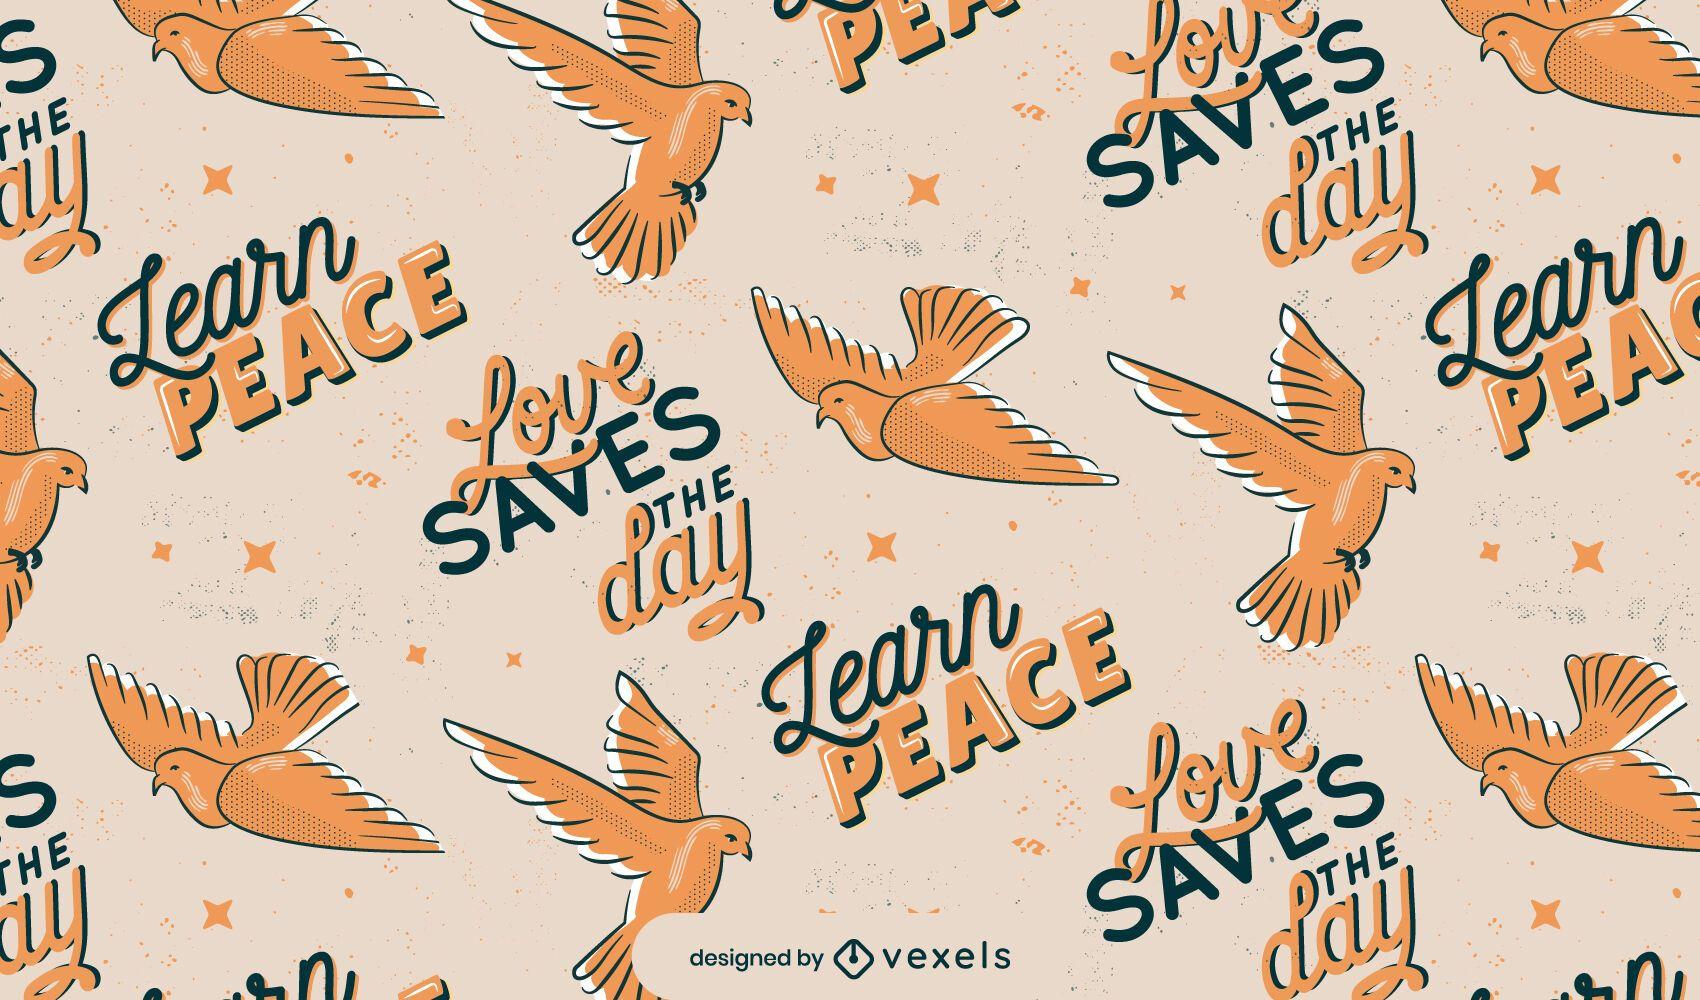 Dise?o del patr?n del d?a de la paz